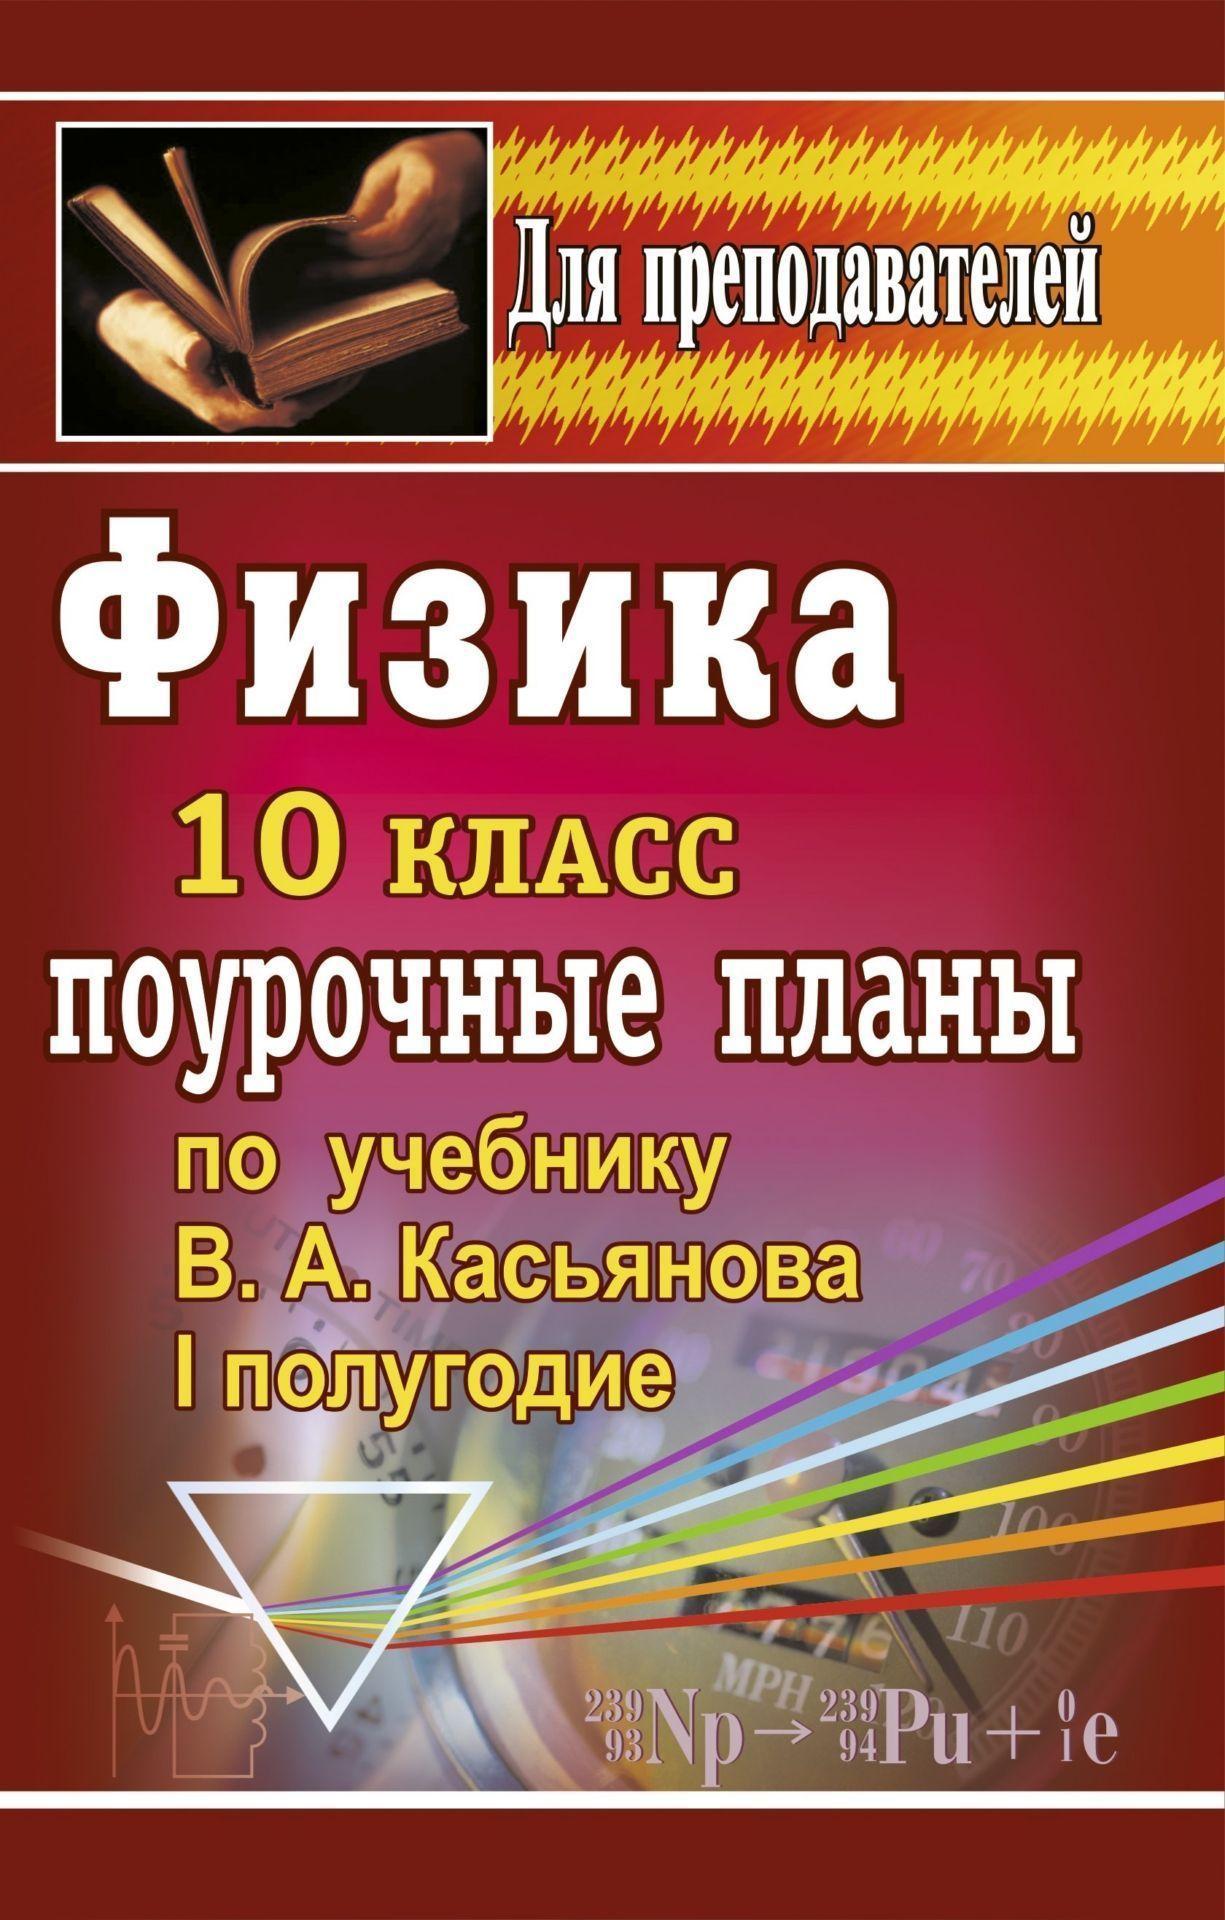 Физика. 10 класс: поурочные планы по учебнику В. А. Касьянова. I полугодиеПредметы<br>В пособии представлены поурочные планы на первое полугодие, разработанные в соответствии с программой курса физики 10 класса в средней общеобразовательной школе и составленные по учебнику: В. А. Касьянов. Физика. 10 класс. М.: Дрофа, 2005. По ходу изложен...<br><br>Авторы: Шевцов В. А.<br>Год: 2007<br>Серия: Для преподавателей<br>ISBN: 5-7057-0766-5<br>Высота: 213<br>Ширина: 138<br>Толщина: 11